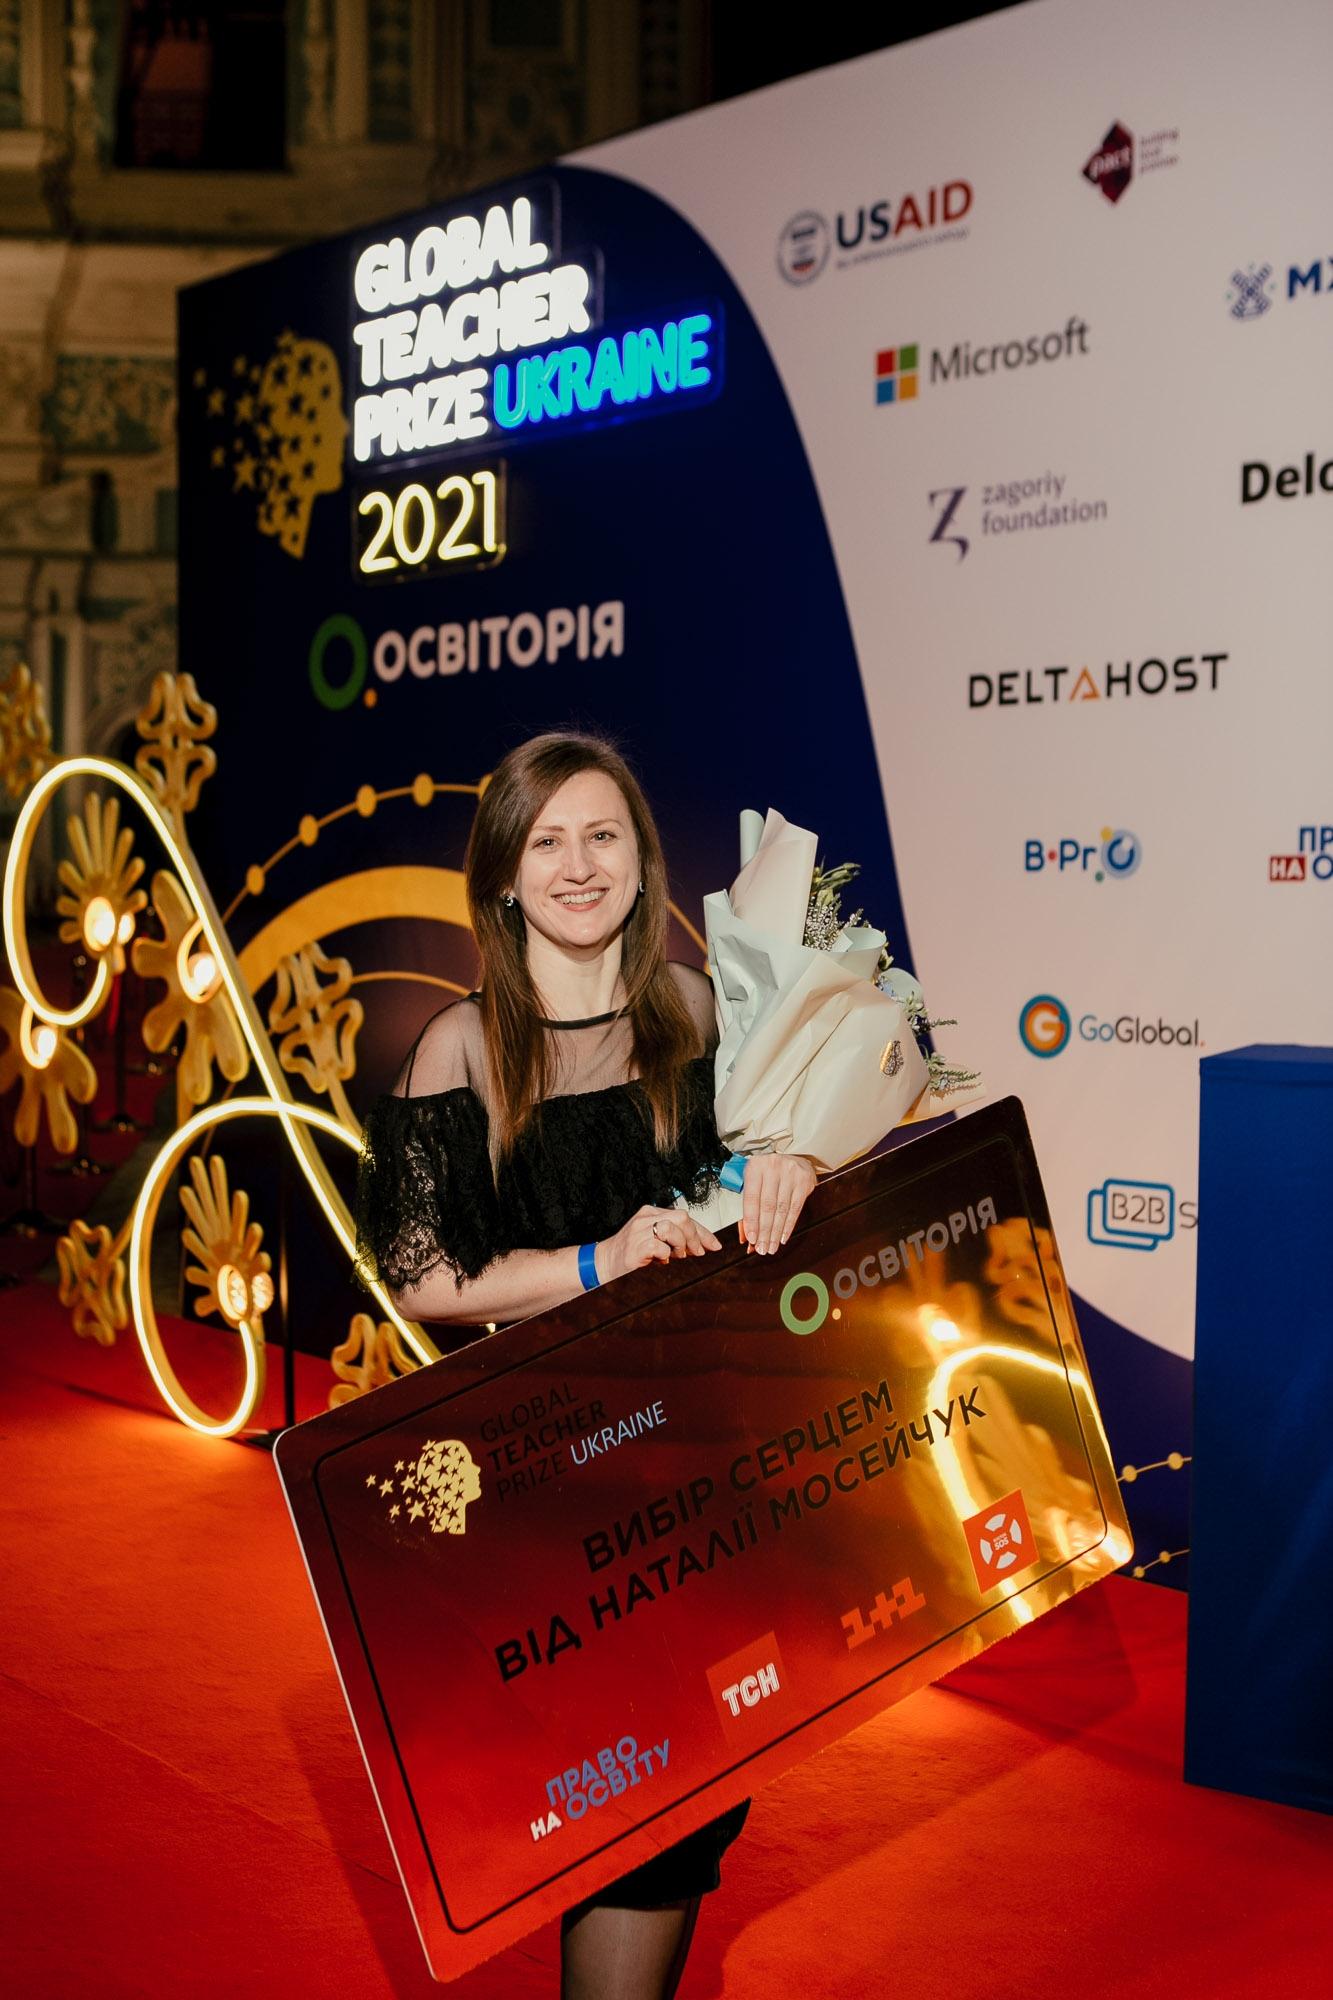 Лучшие учителя страны: названы победители премии Global Teacher Prize Ukraine 2021 - фото №3